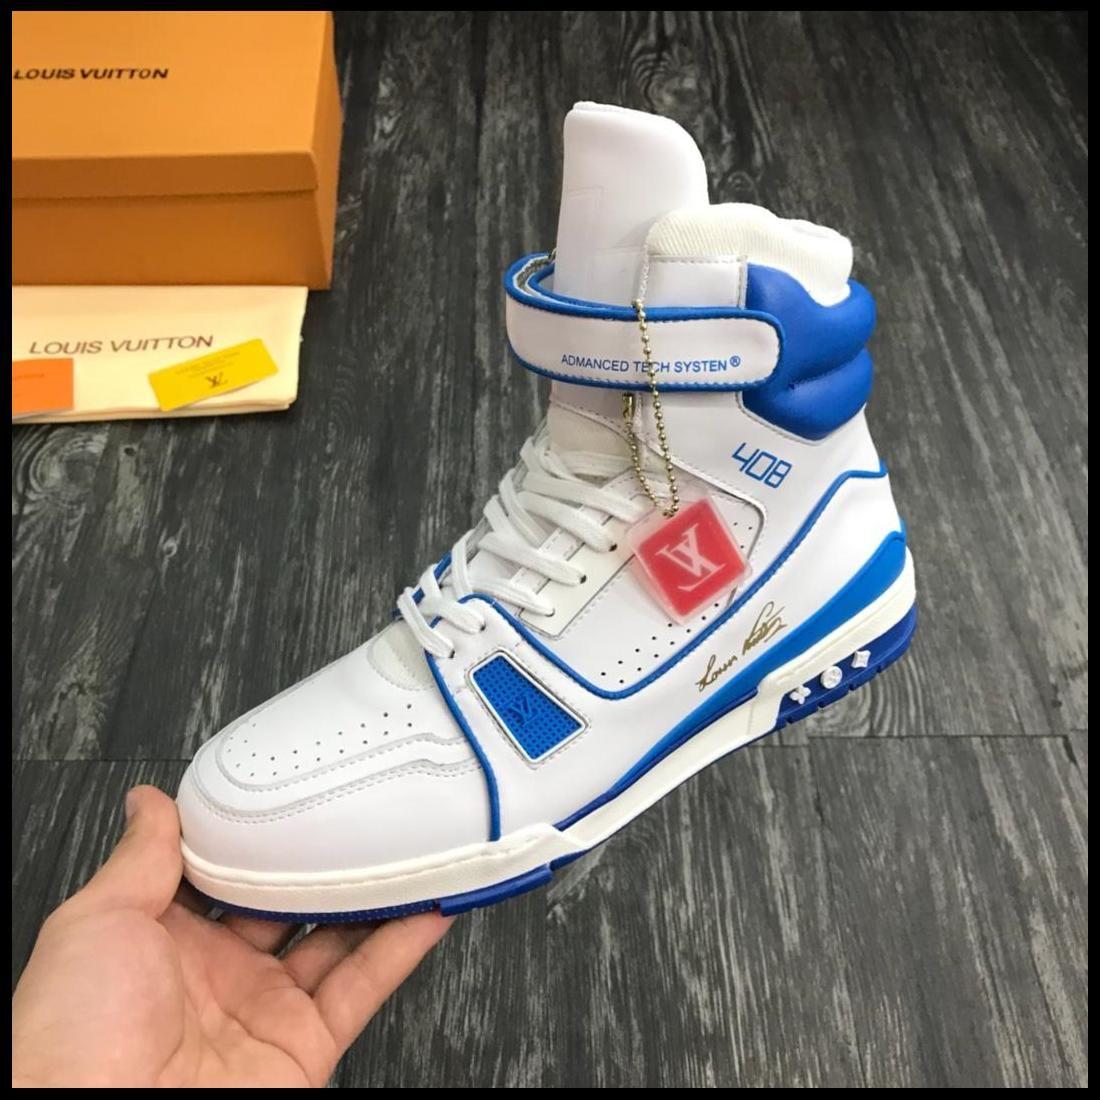 printemps et à l'automne 2019ZU mens chaussures de sport occasionnels chaussures de sport de voyage de ceinture haute-top, avec micro standard, avec la boîte d'origine une livraison rapide